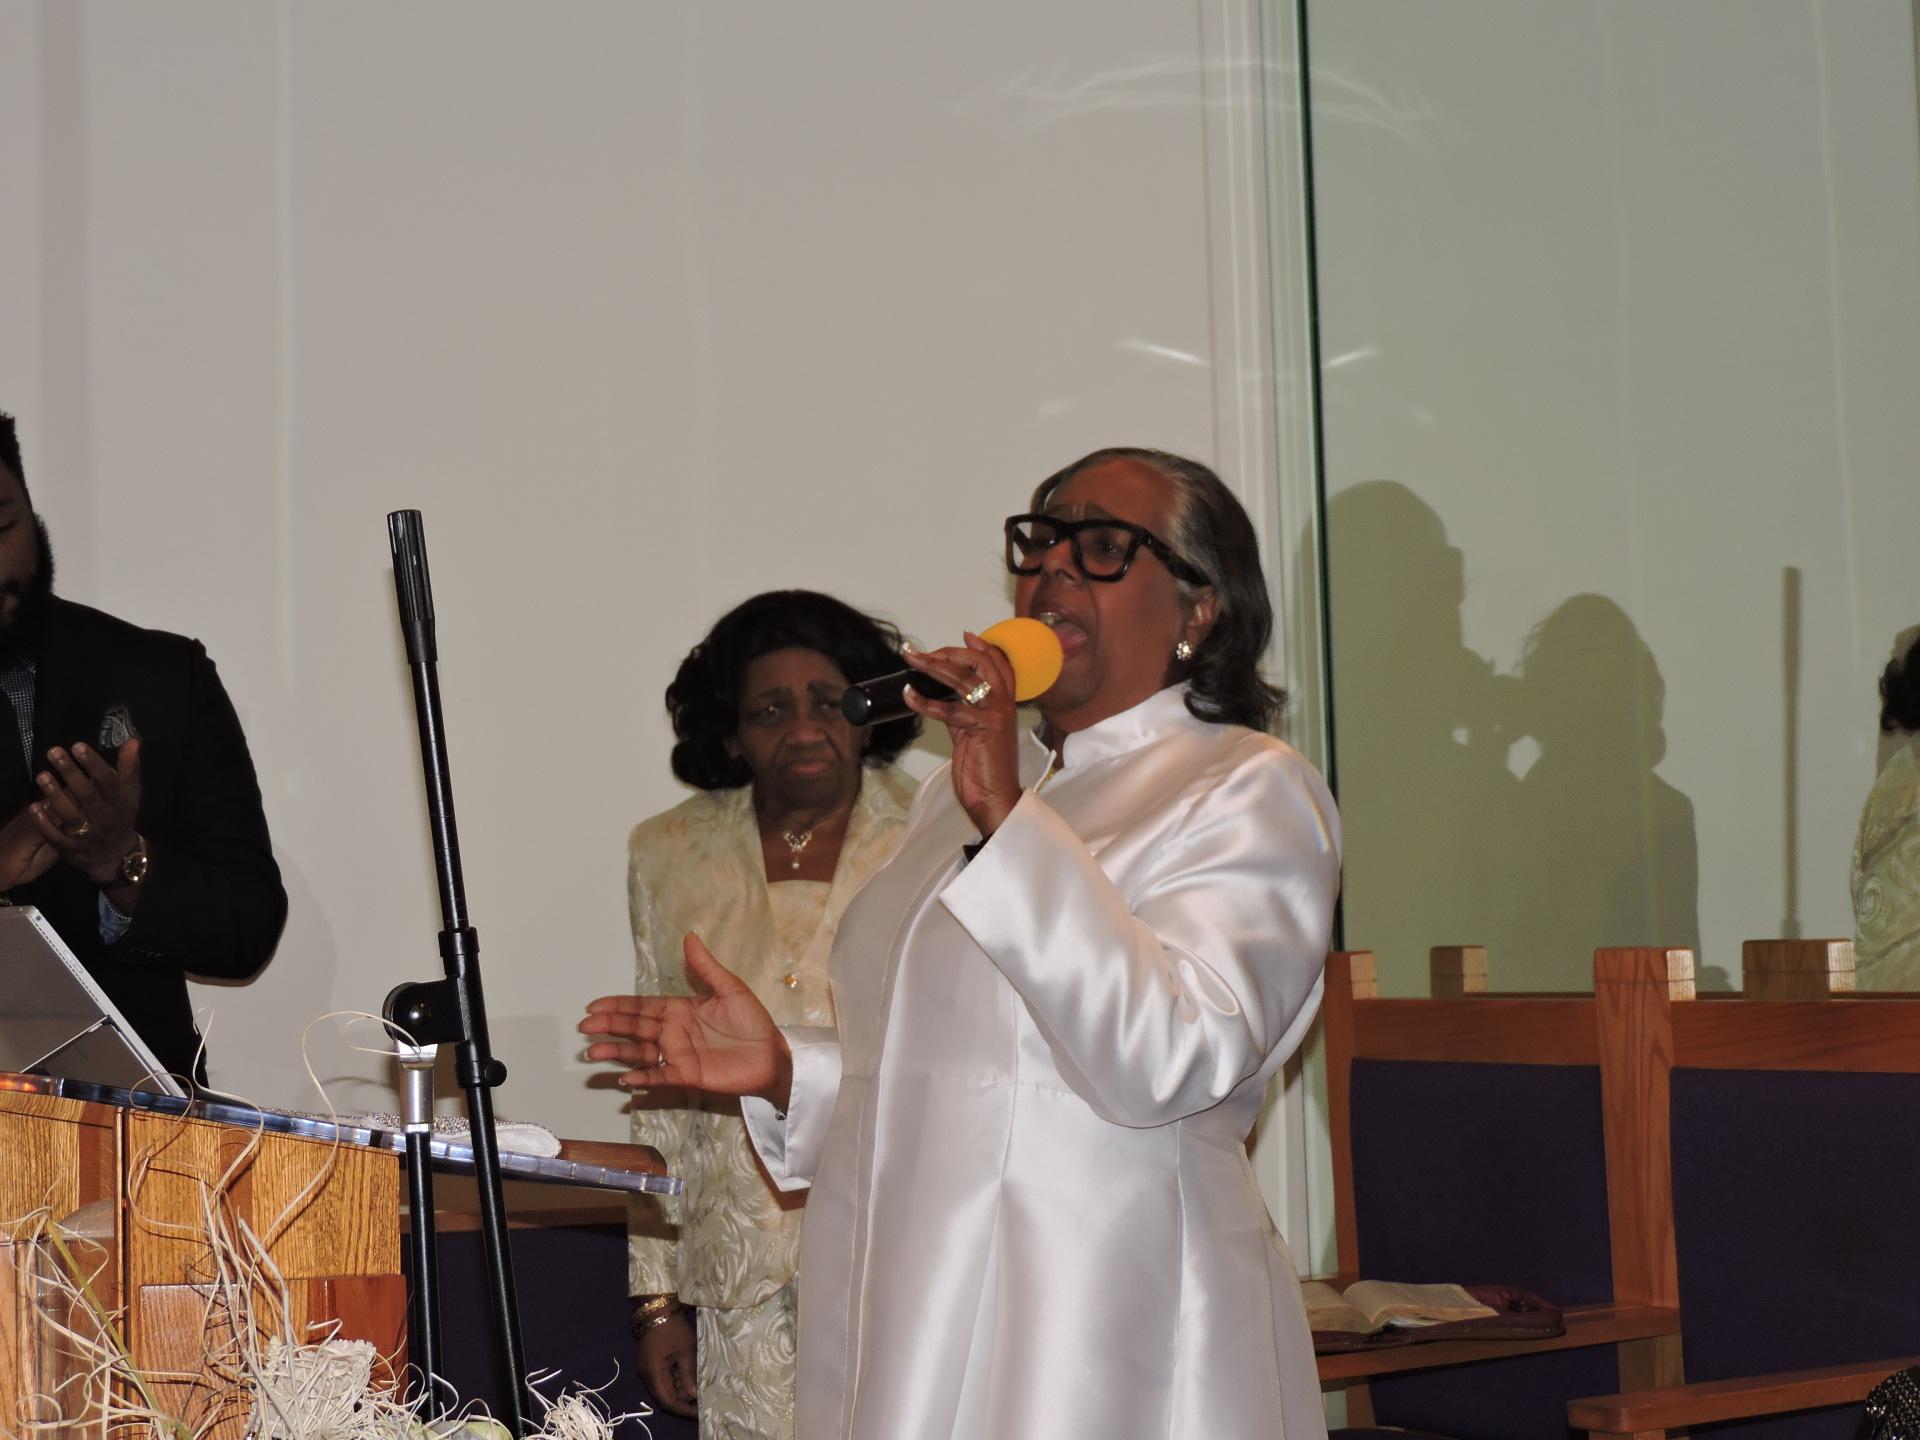 Pastor Gwendolyn Priester